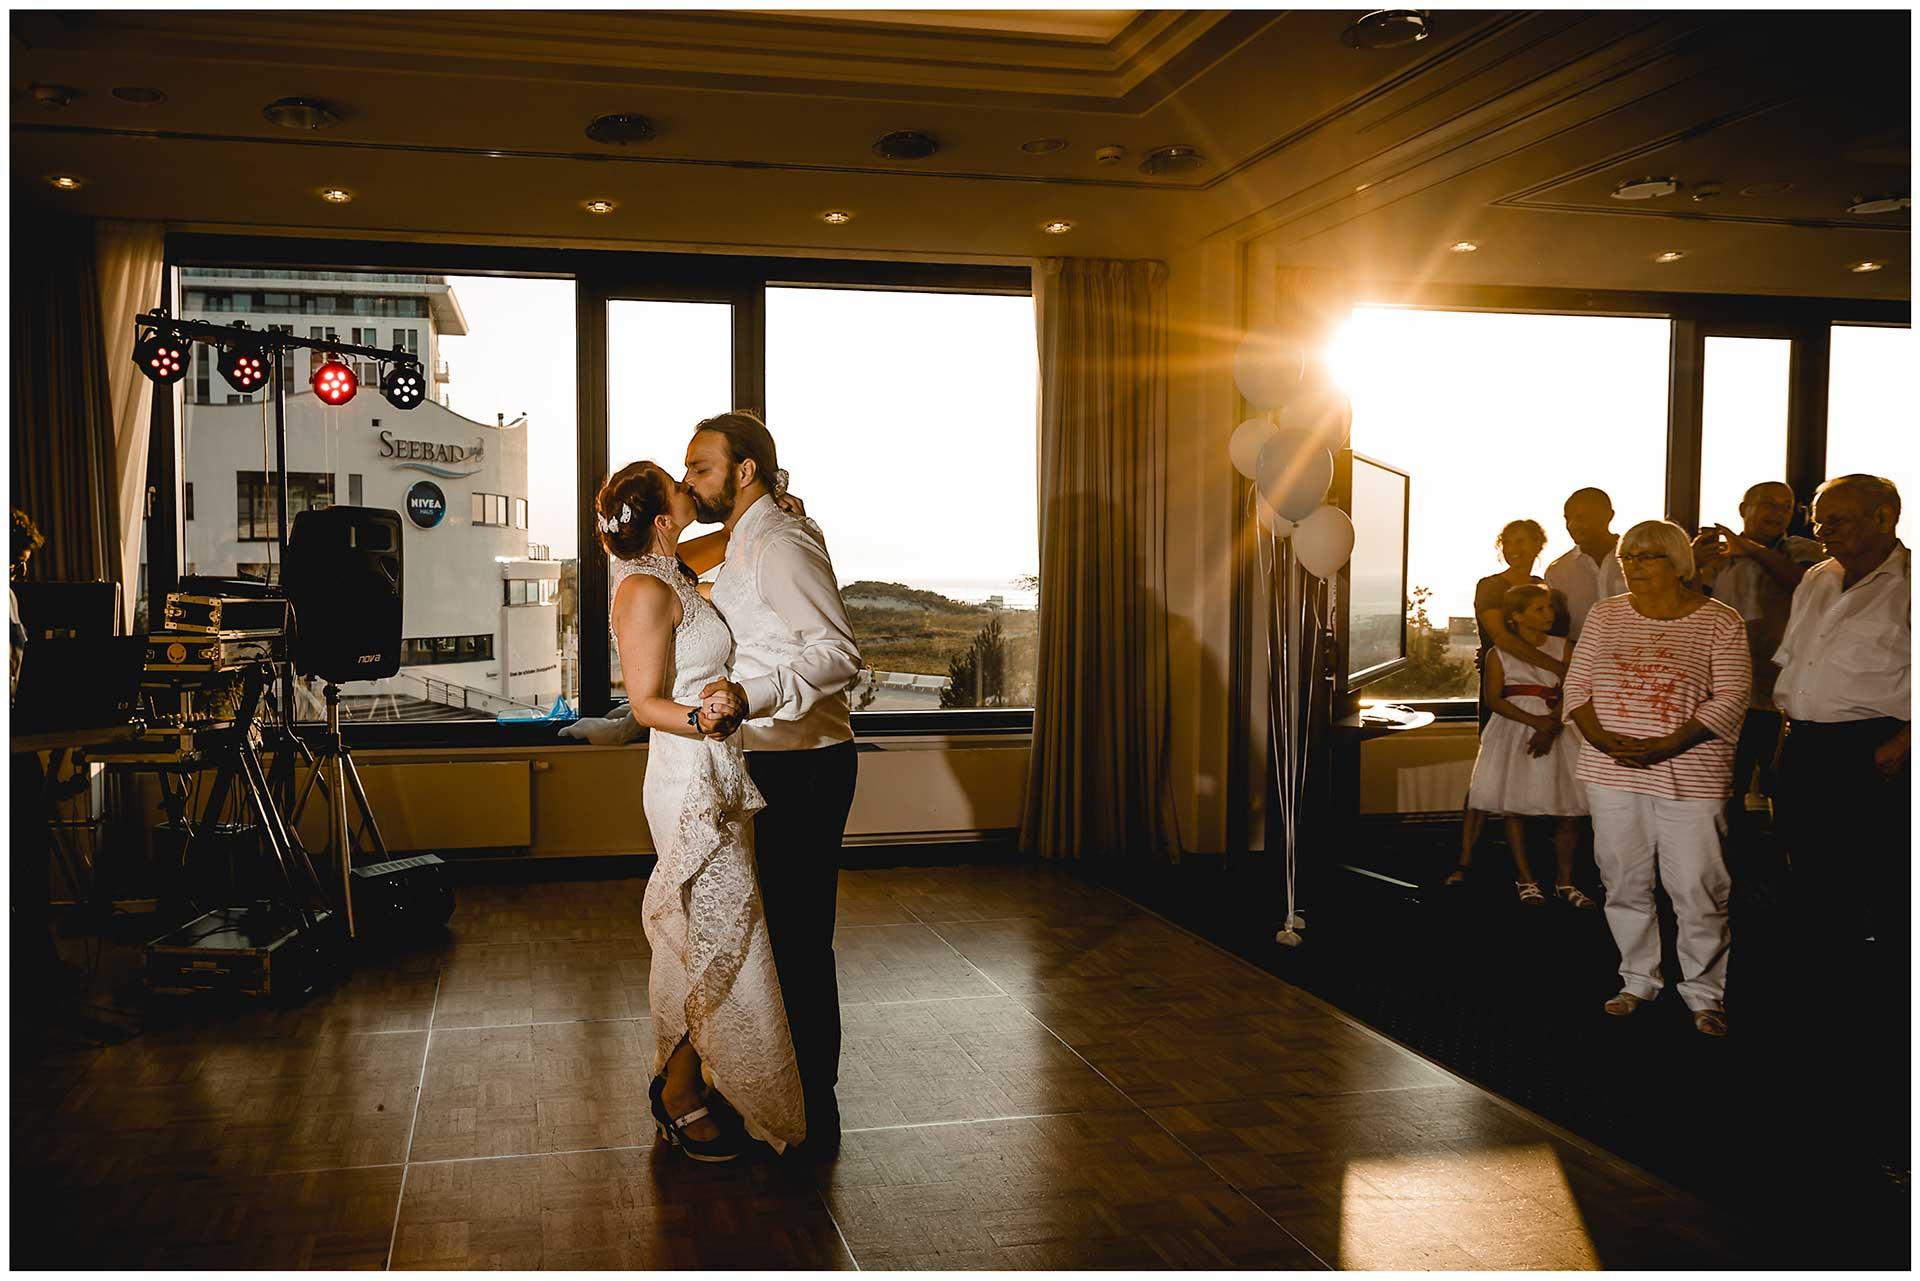 Brautpaar-kuesst-sich-beim-Hochzeitstanz-Hochzeit-im-Hotel-Neptun-Hochzeitsfotograf-Warnemuende-Hochzeitsfotograf-Rostock-Hochzeitsfotograf-Ostseebad-Warnemuende